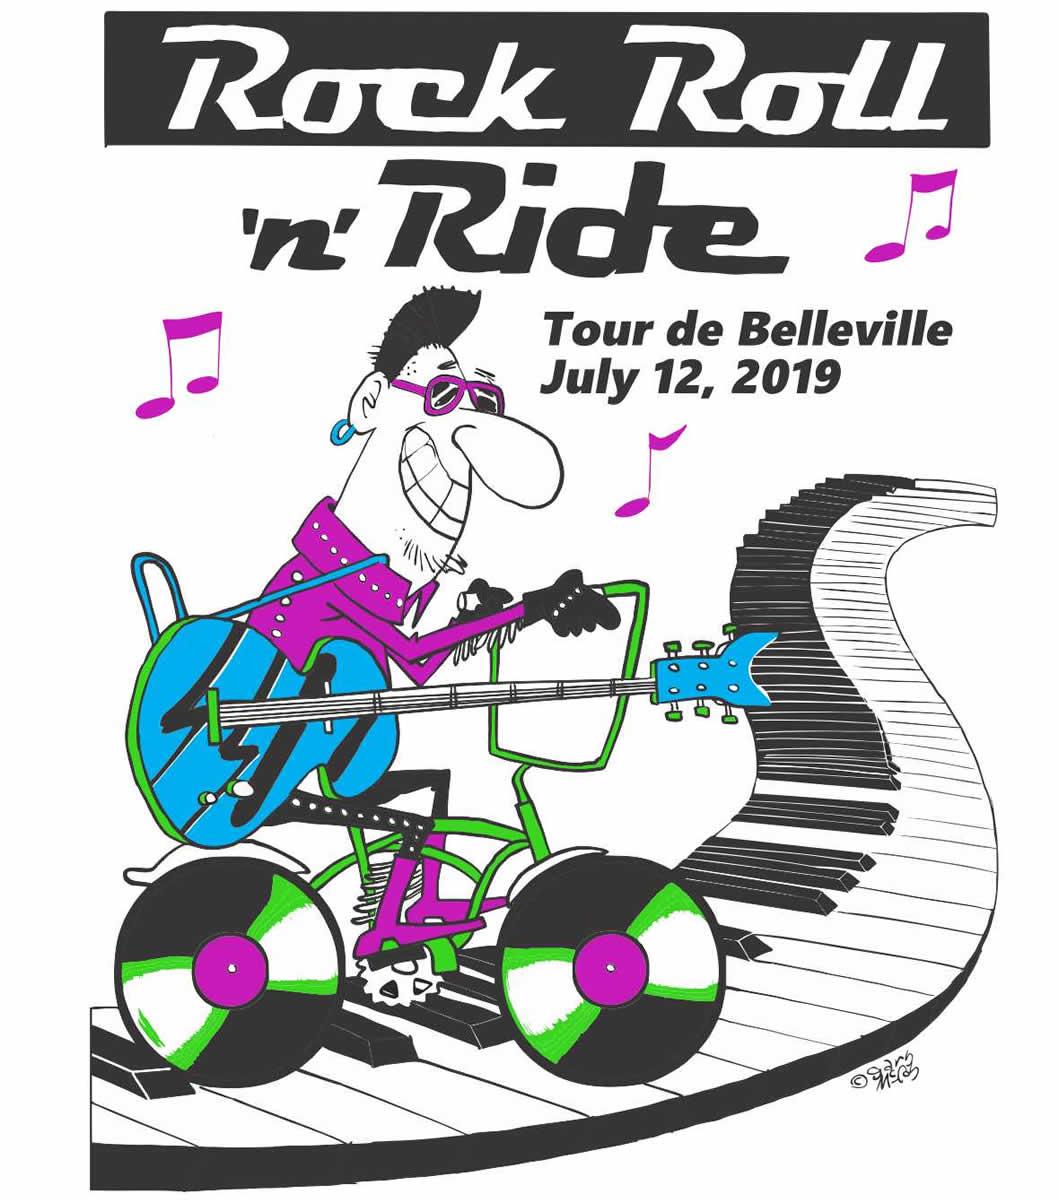 2019 Tour de Belleville